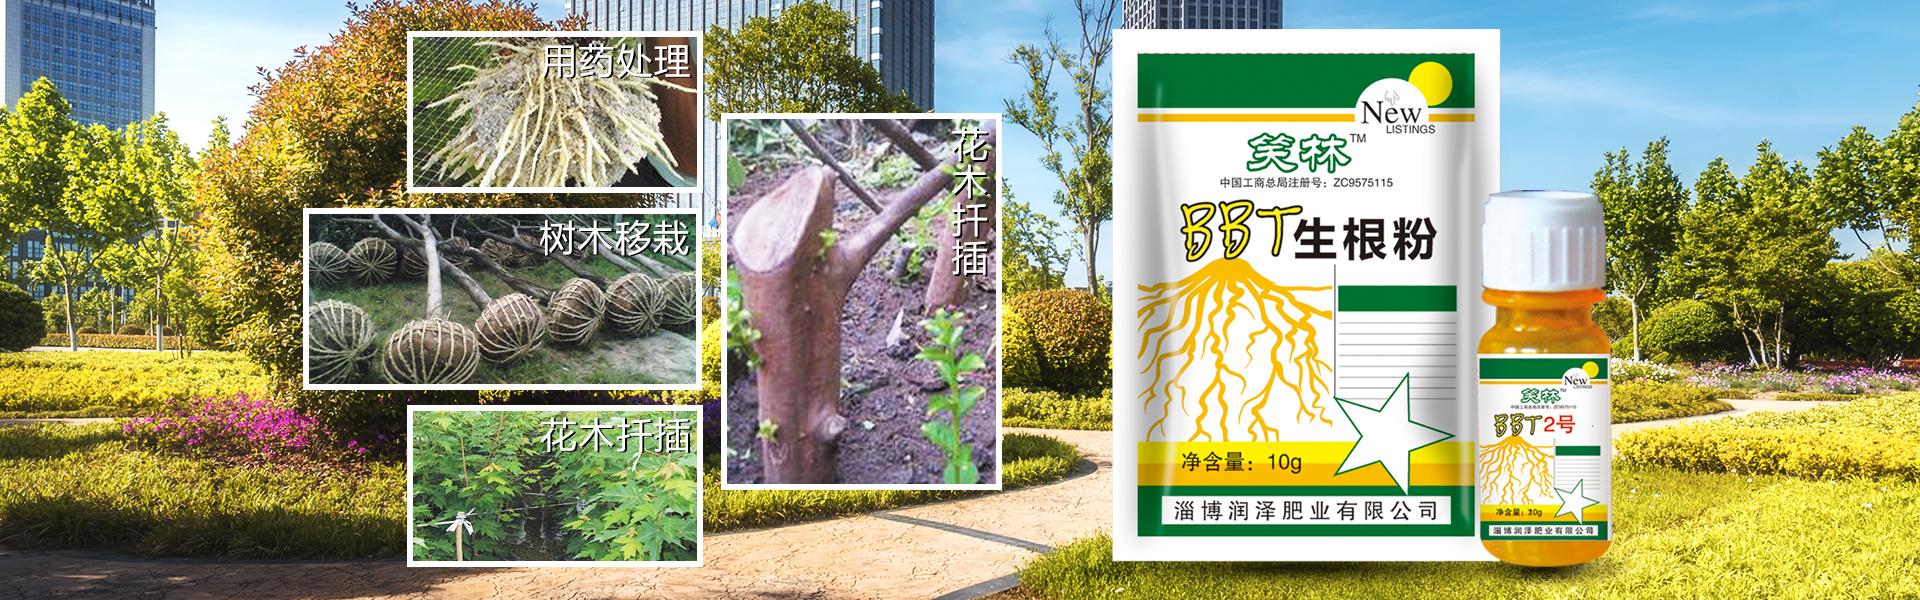 园林养护网主营园林养护、草坪护理、花木苗木养护等业务,有意向的客户请咨询我们。